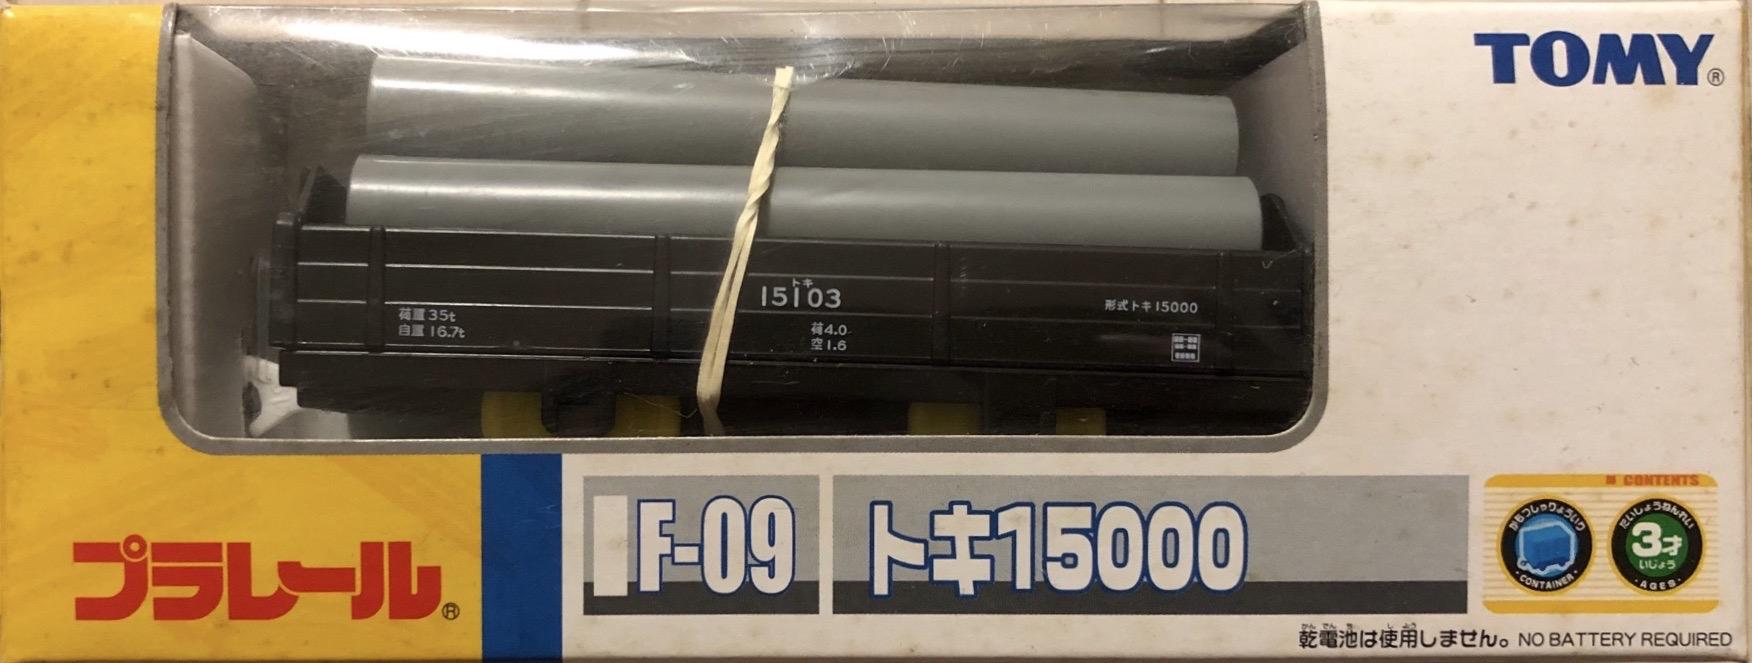 [Image: F09_toki15000.jpeg]